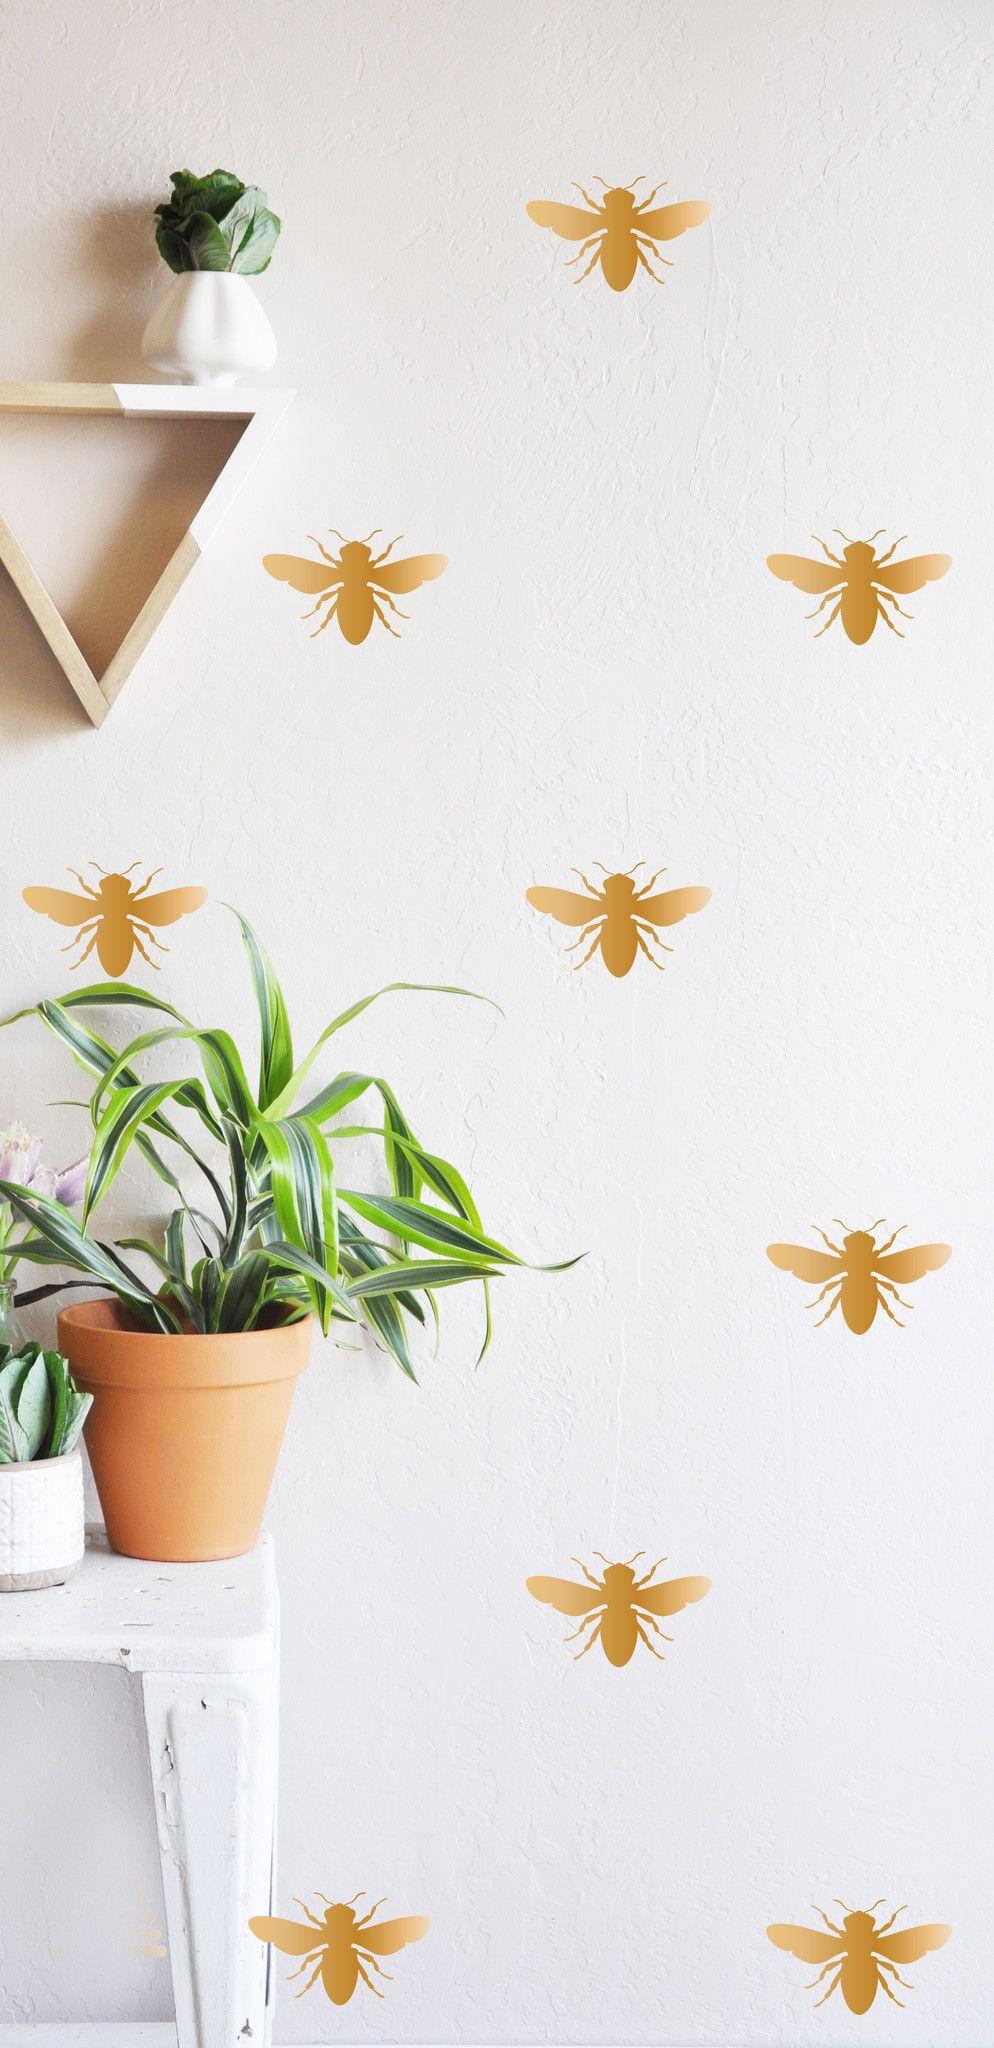 HONEY BEE - Wall decal | Zuhause, Bienen und Marmelade